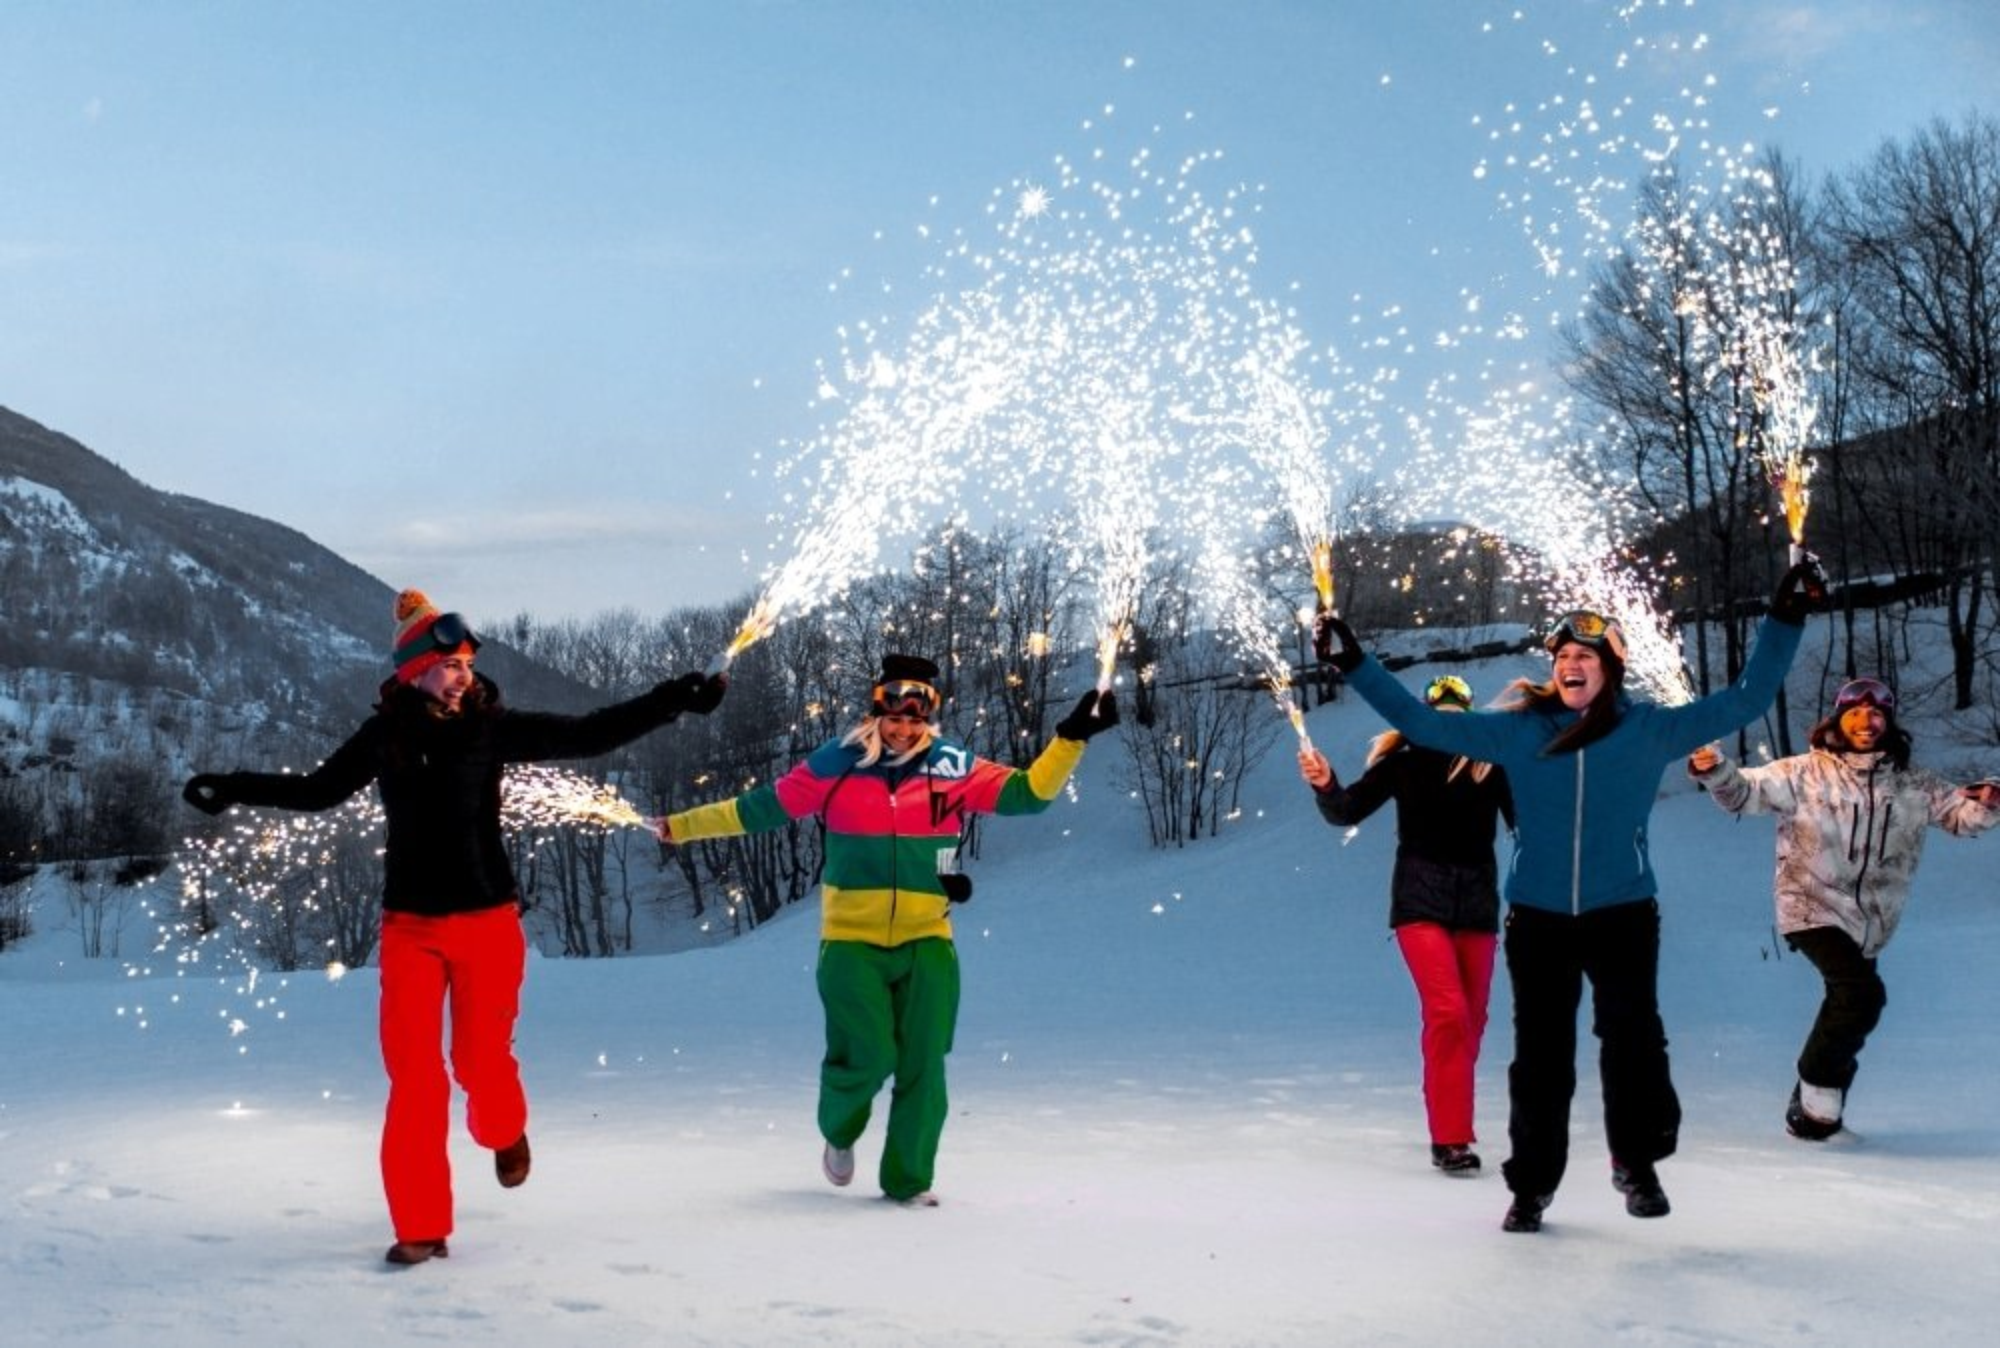 Les 11 meilleures stations de ski d'Europe où fêter le Nouvel An